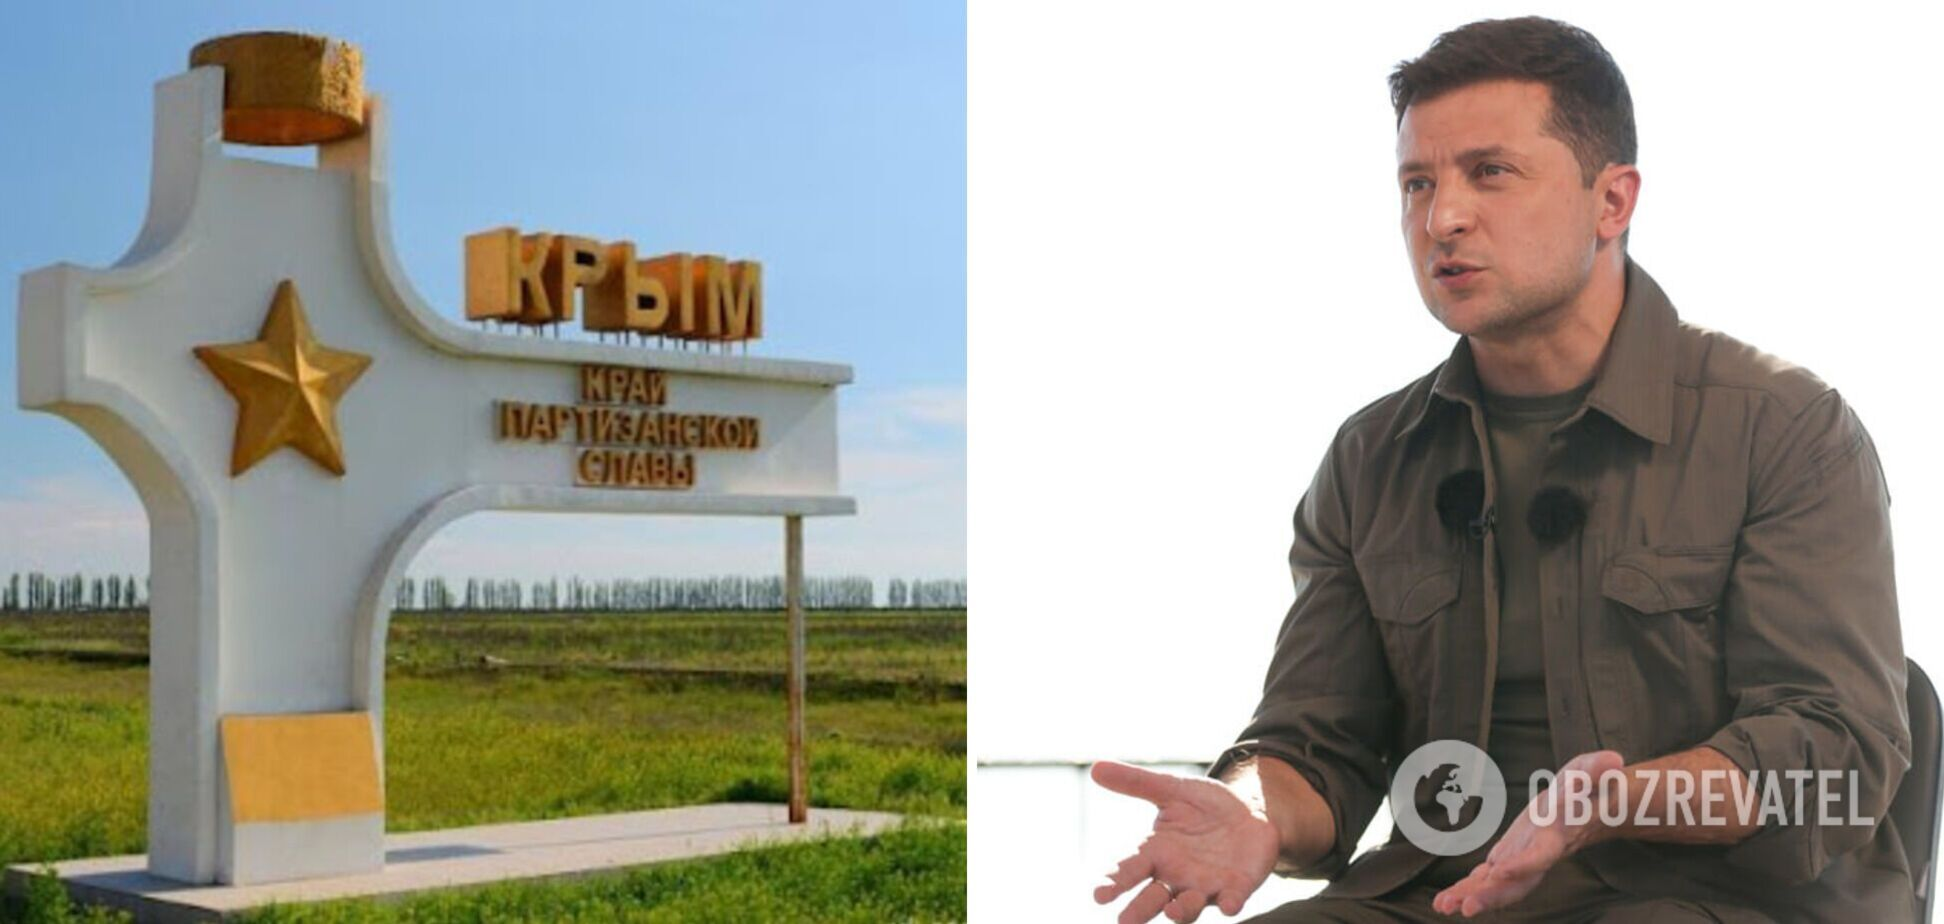 Зеленский о будущем Крыма: нужно бить в колокола, это уже не жемчужина у моря, а авианосец